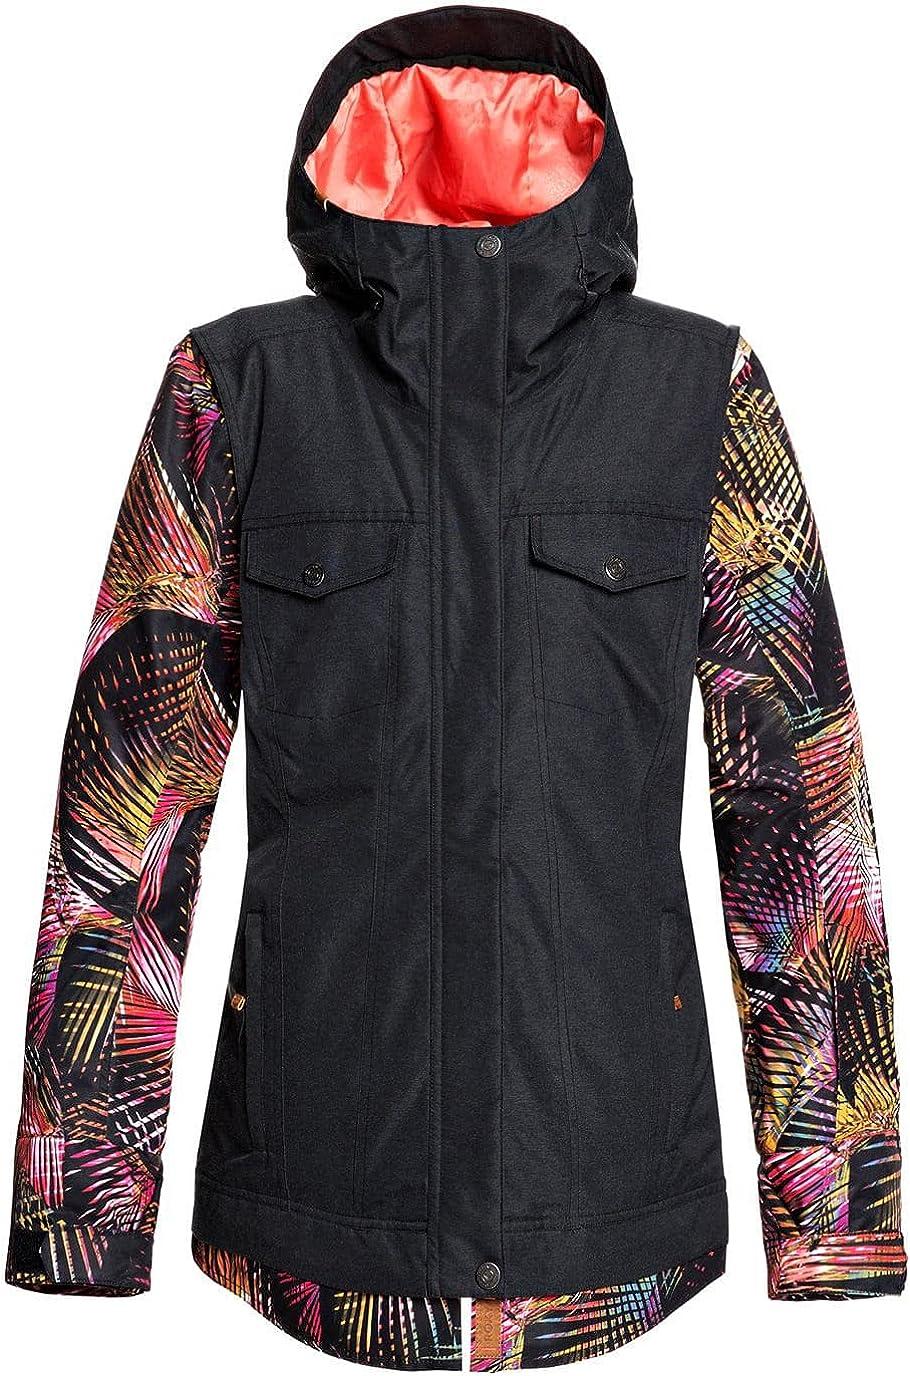 Roxy 1 year warranty Women's Ceder Jacket Minneapolis Mall